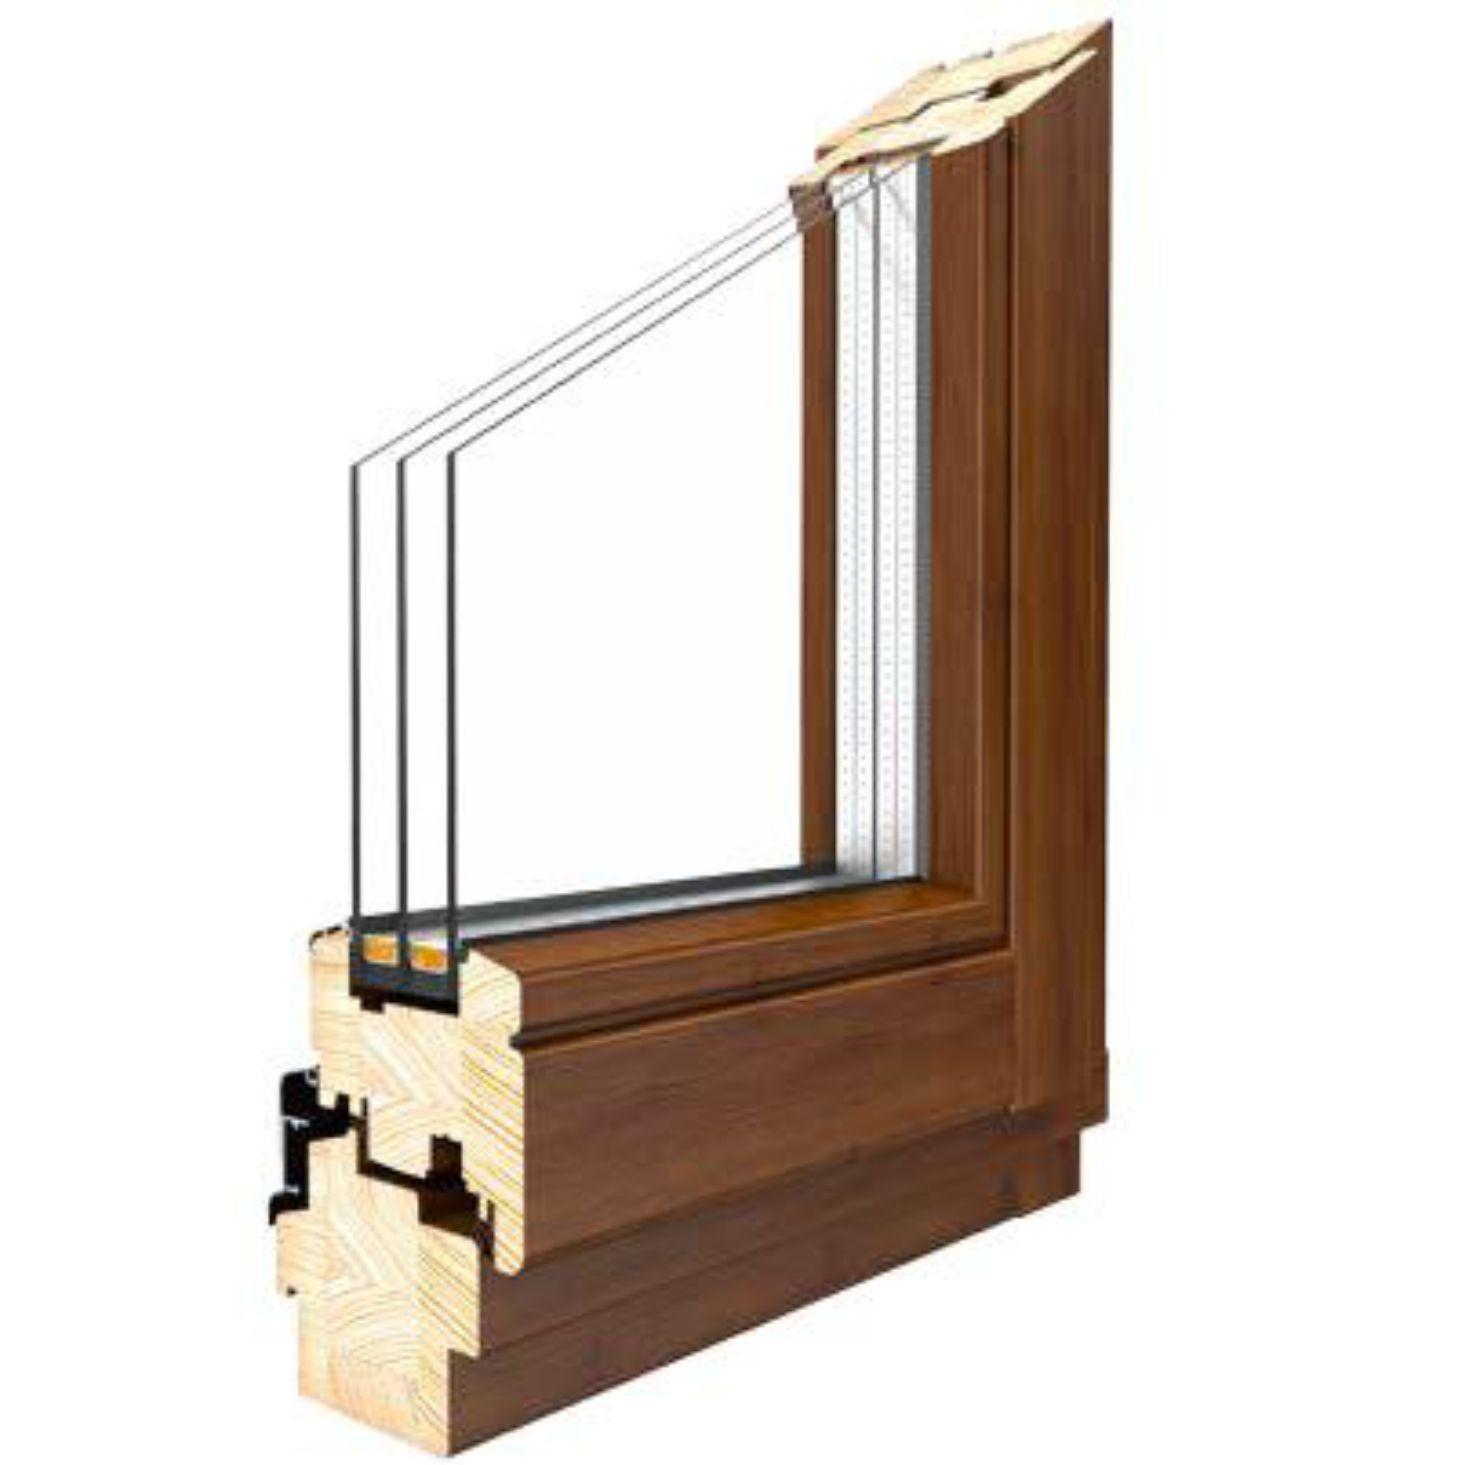 holzfenster drutex softline 68 meranti holz fenster alle gr en shop fenster alle profile. Black Bedroom Furniture Sets. Home Design Ideas